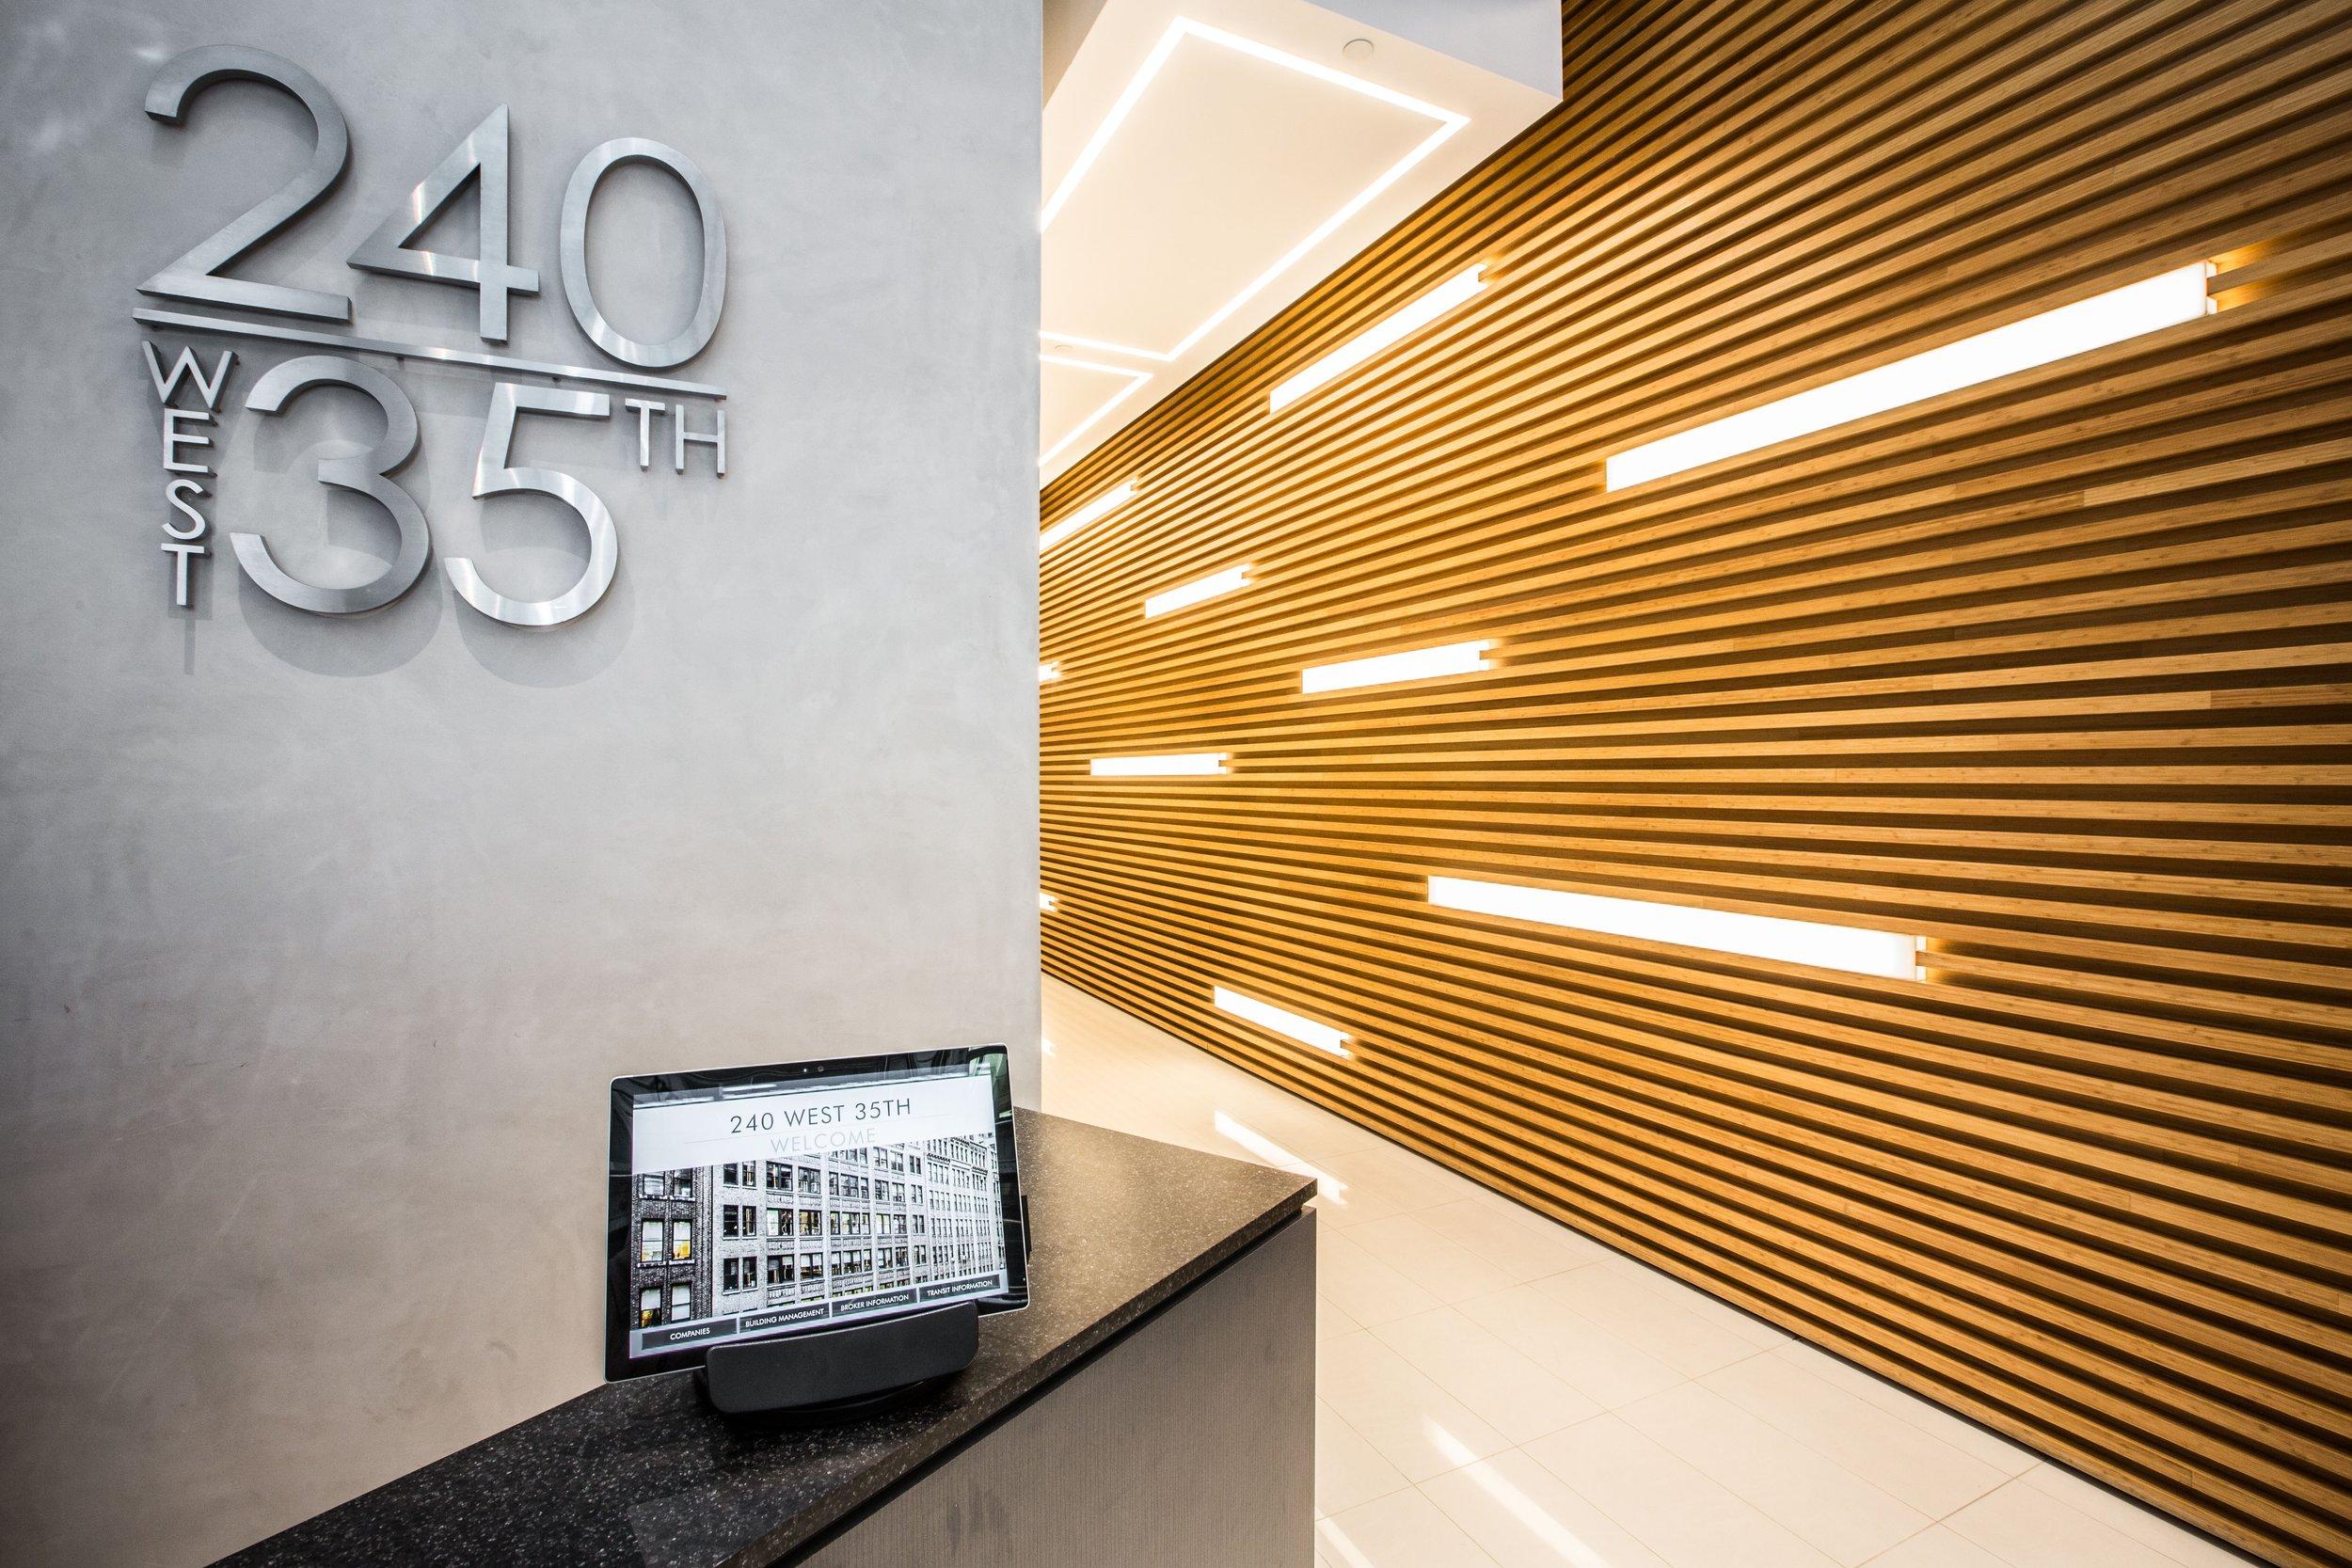 240 W35th Lobby.jpg